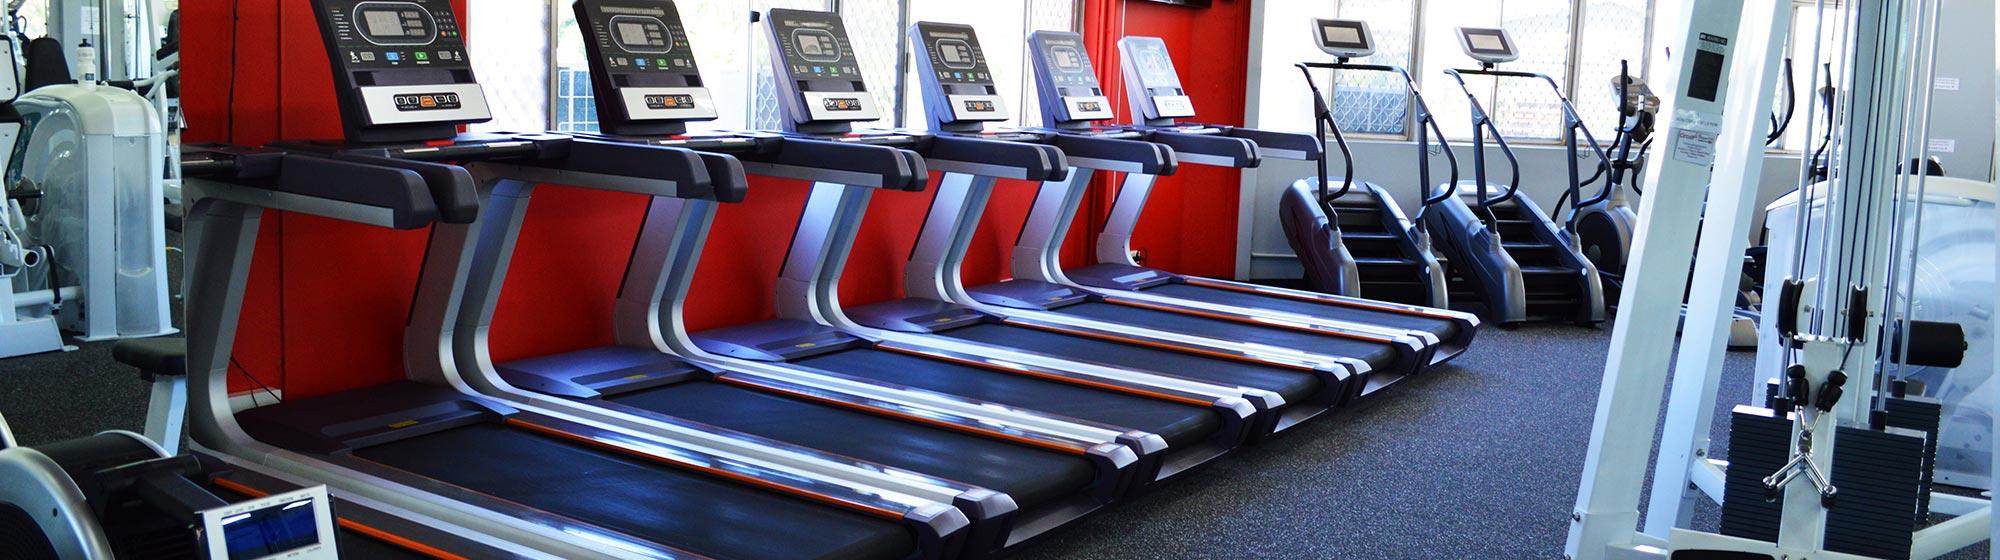 treadmills darwin